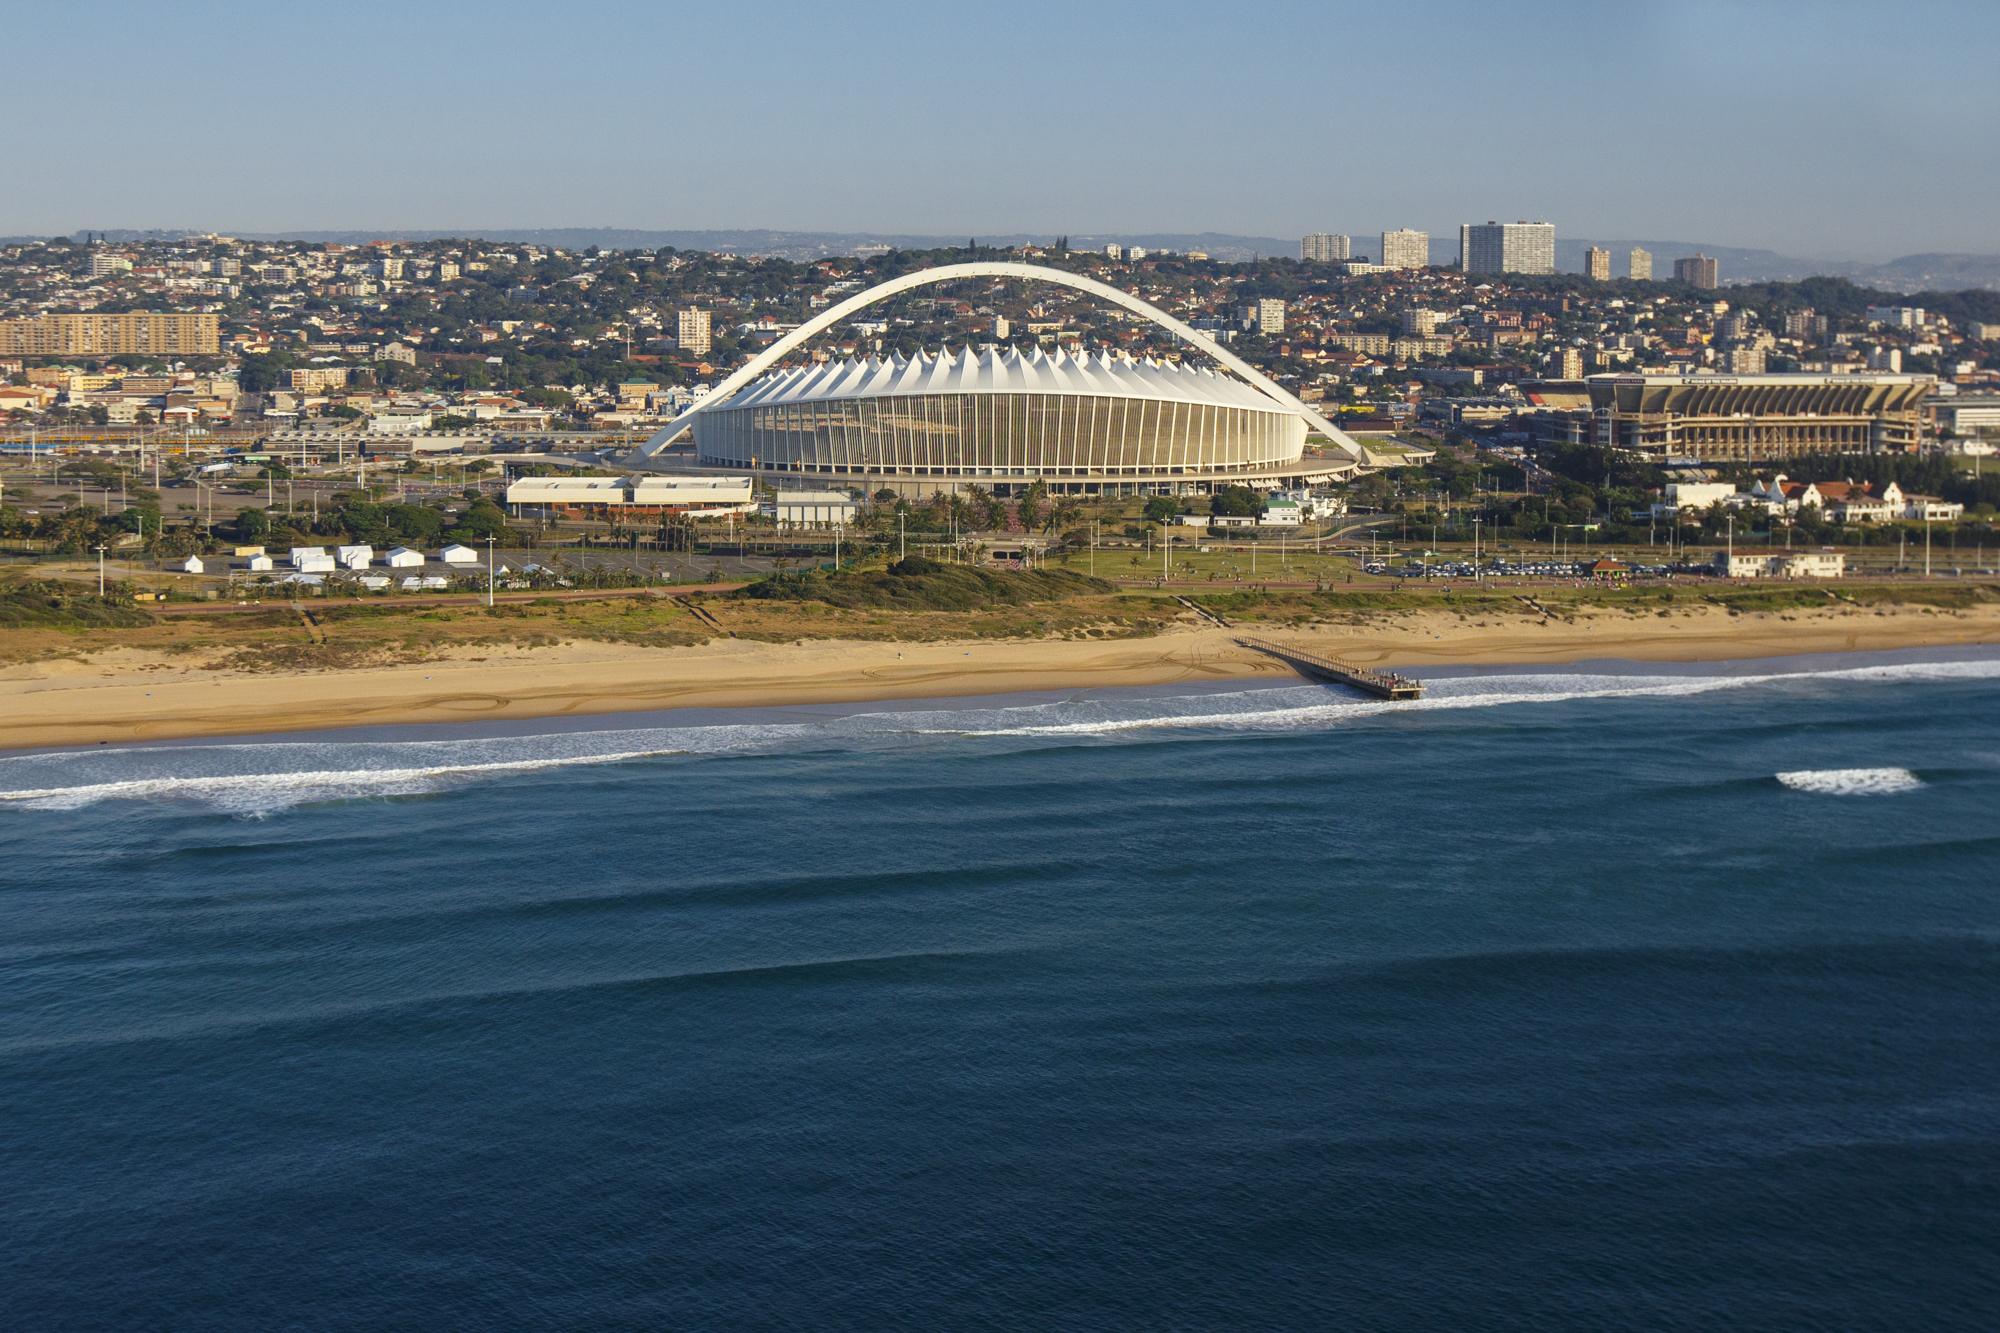 Aerial view of Moses Mabhida Stadium - Image from Moses Mabhida Stadiums